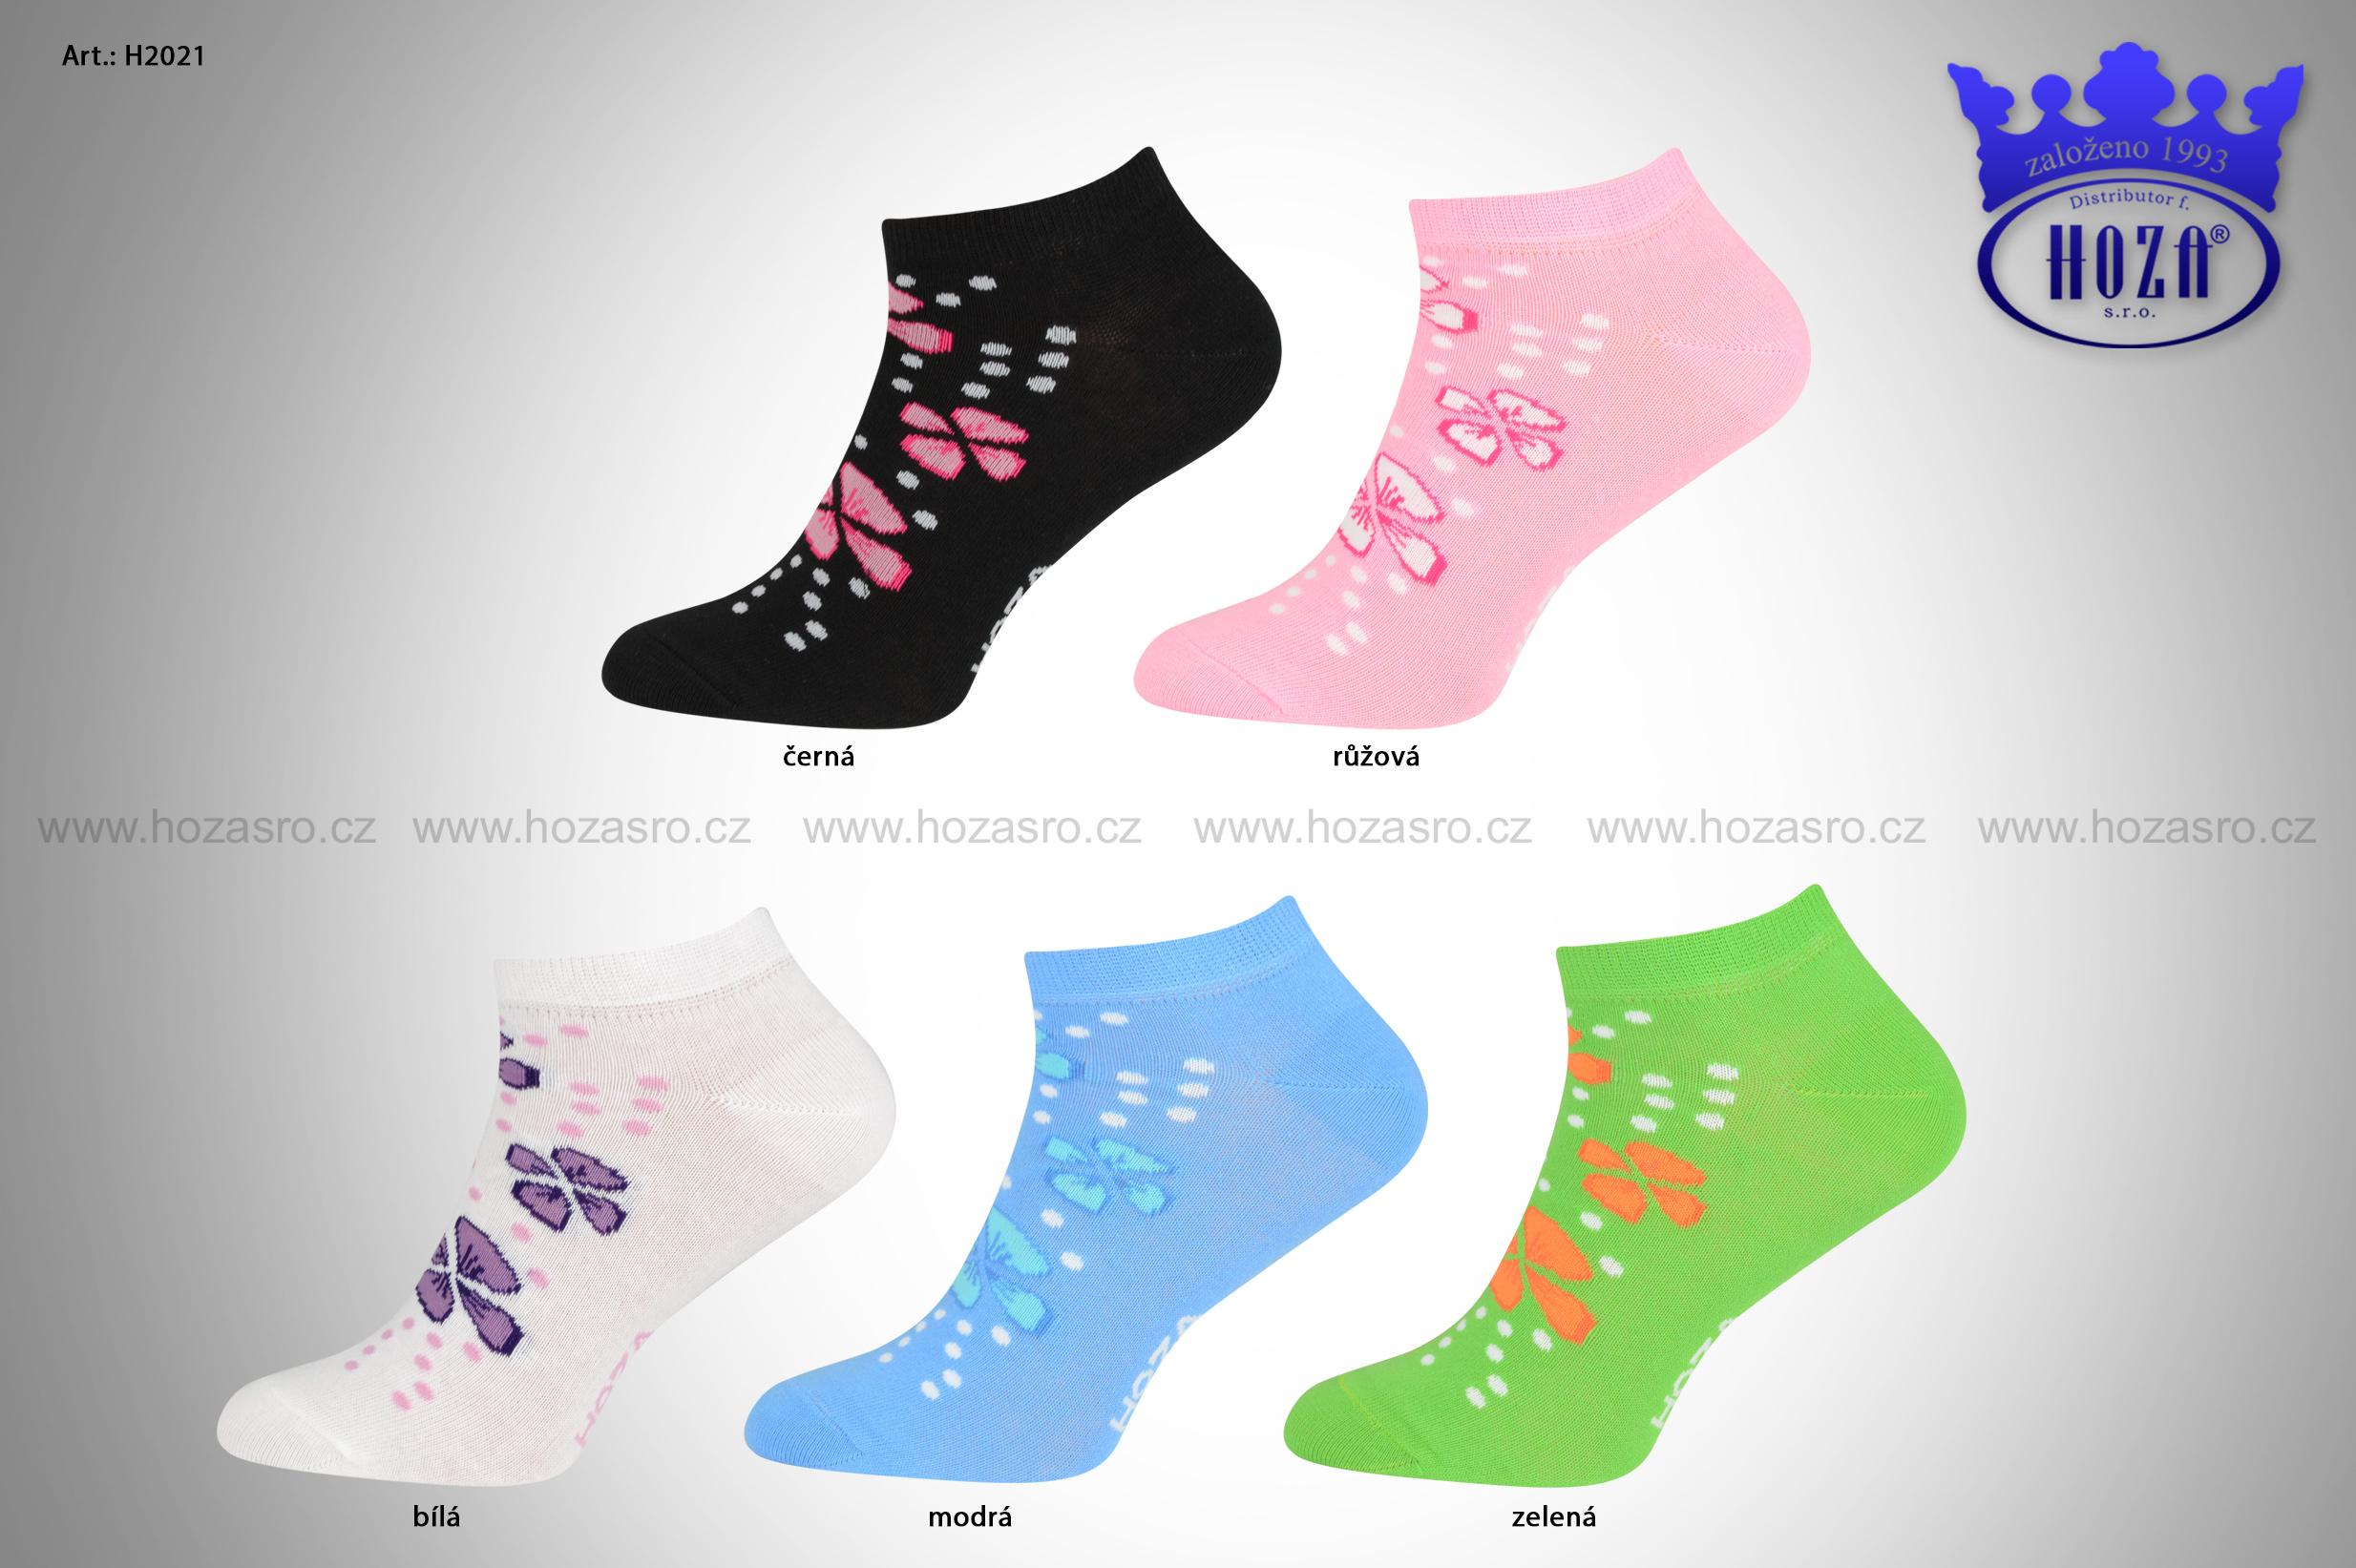 ... H2021 Dámské kotníkové ponožky - čtyřlístek - vyberte barvu.  katalog tmb h2021 barevna-kombinace.jpg 03ae59cf52